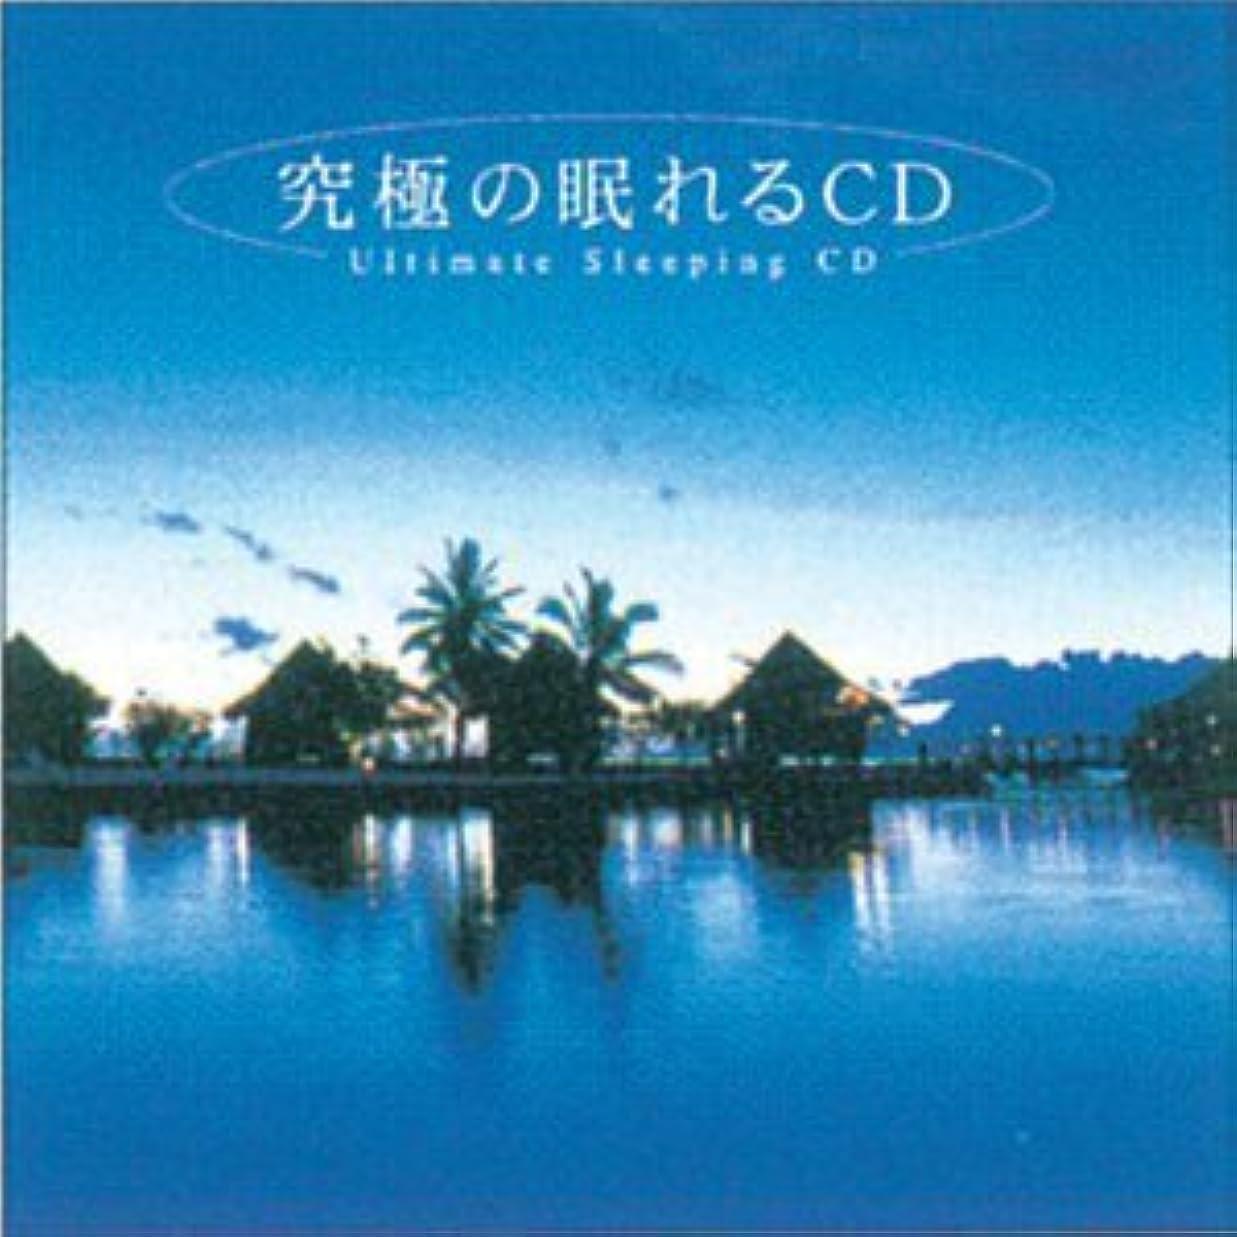 社交的社員ビーチ【メディカルブック】 リラクゼーションCD 究極の眠れるCD(60分) (SI-407L)